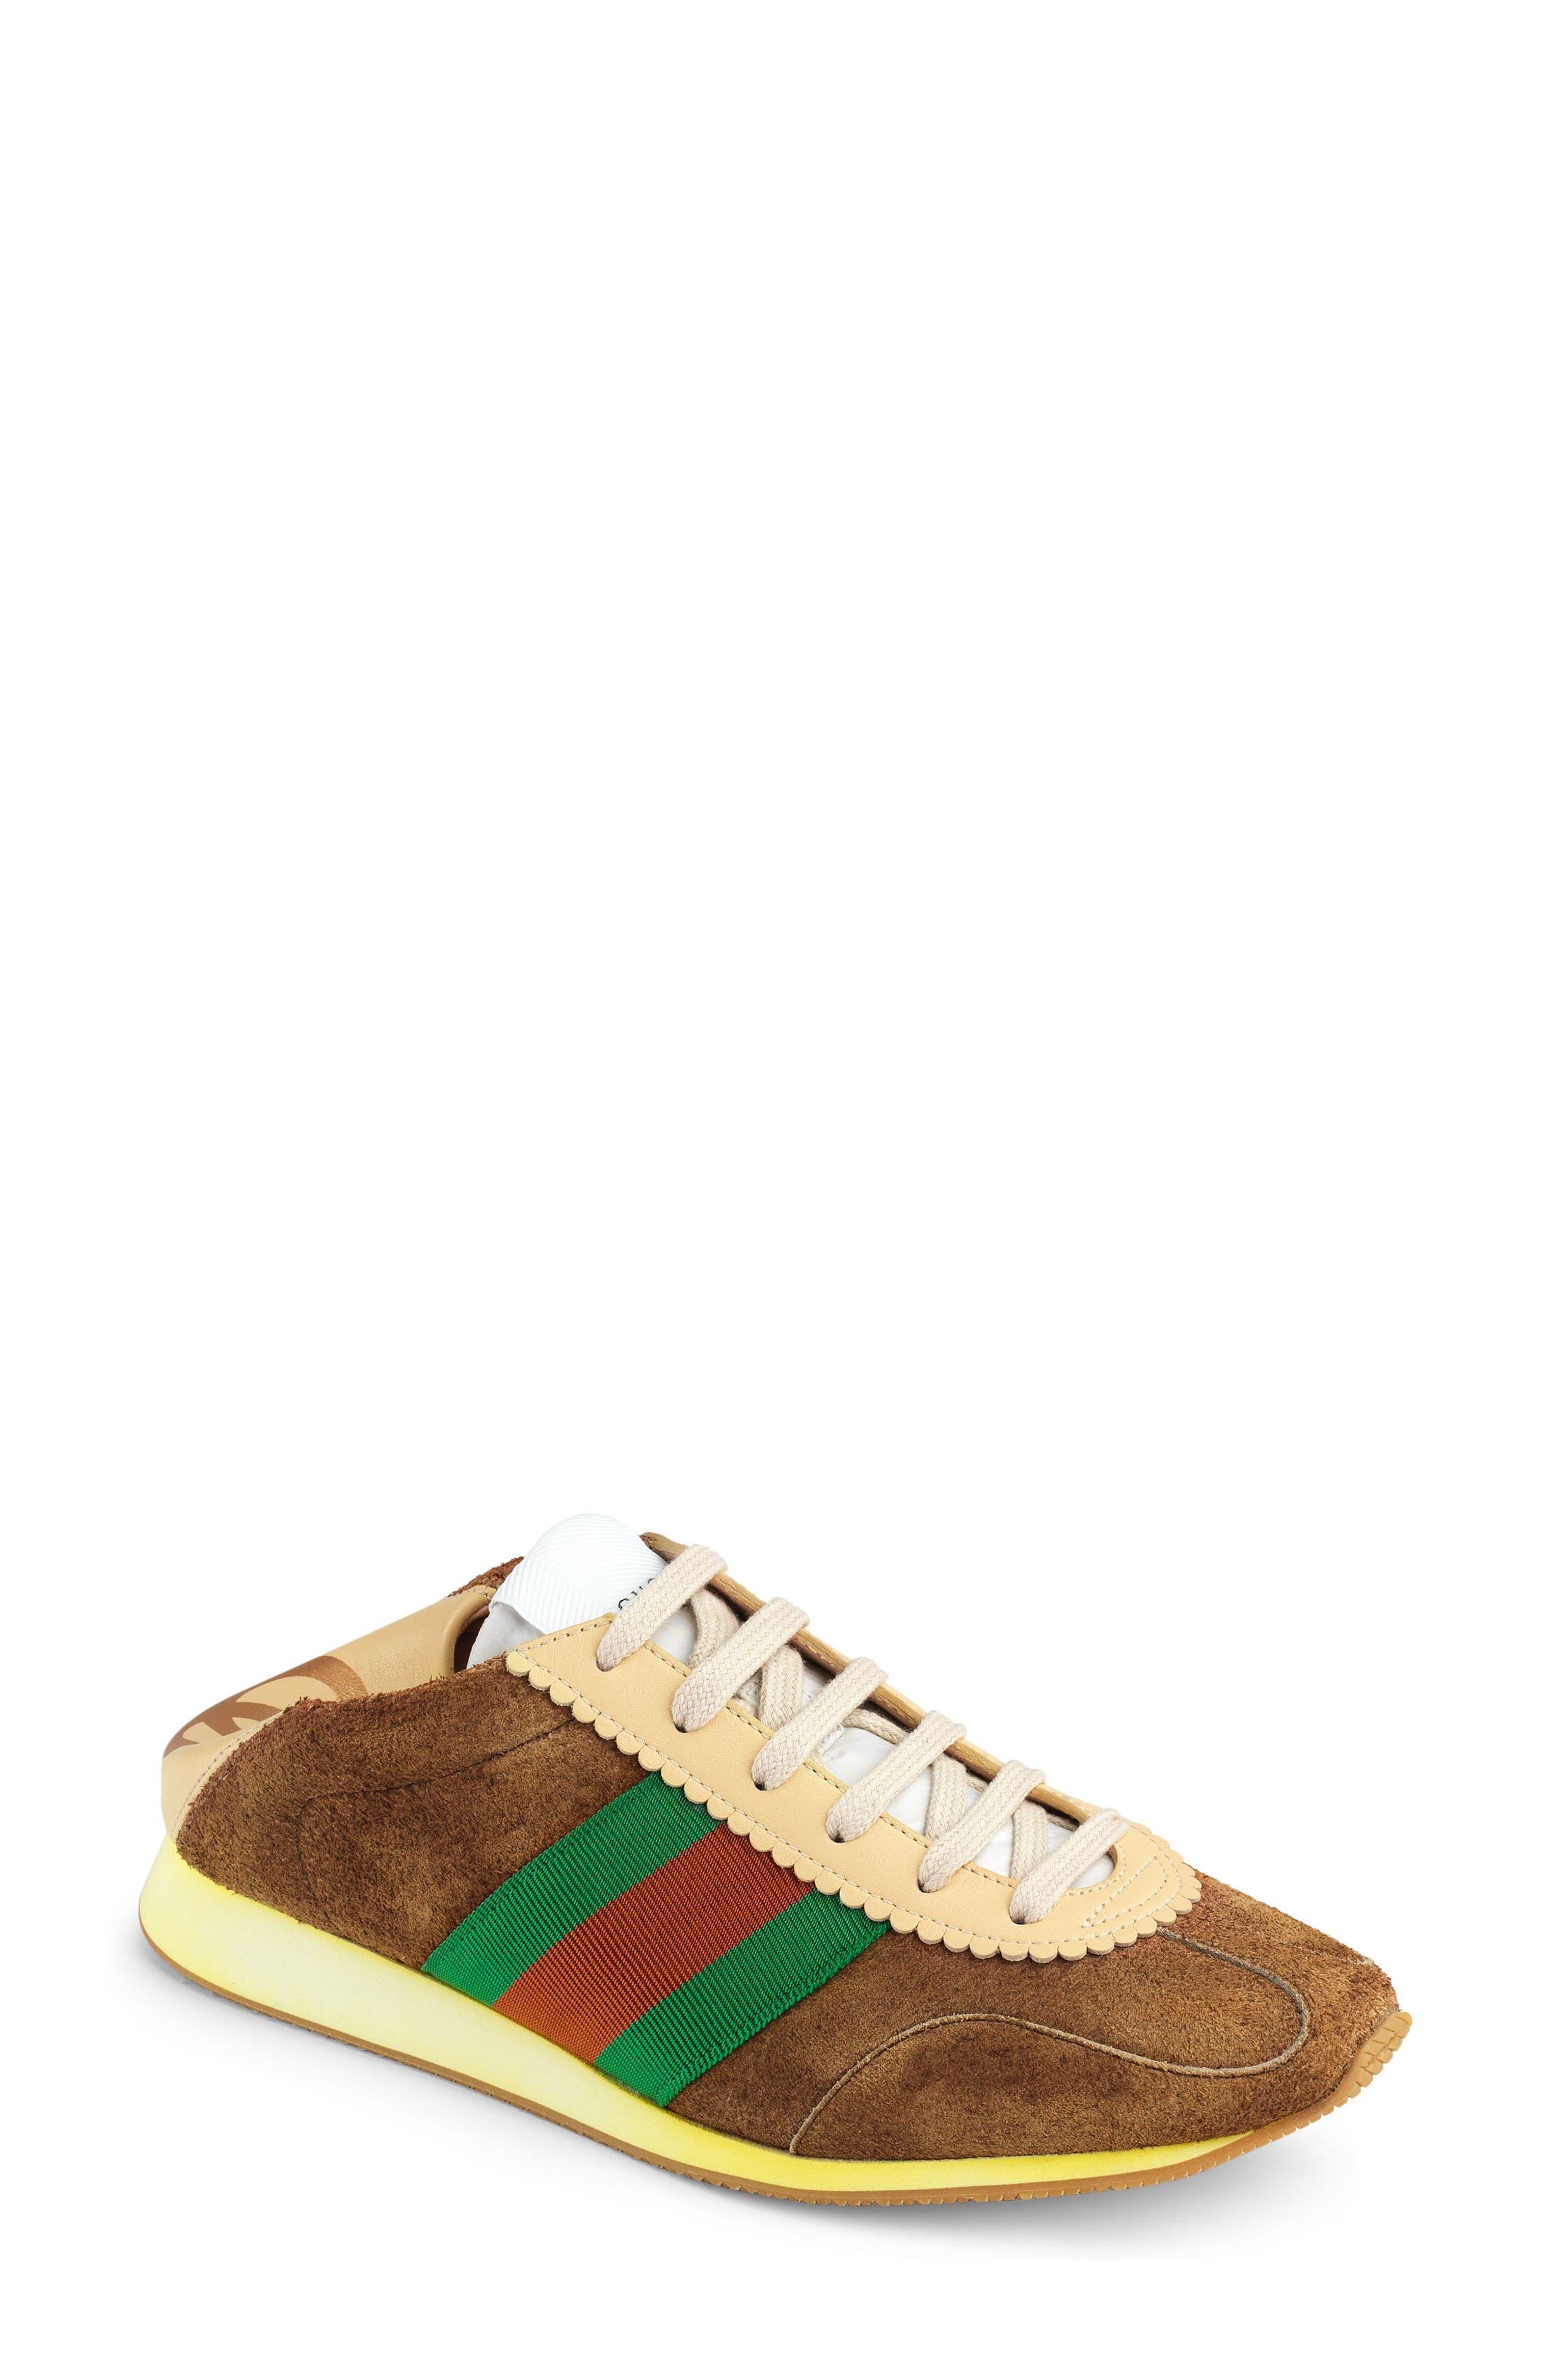 Rocket Convertible Sneaker,                         Main,                         color, BROWN